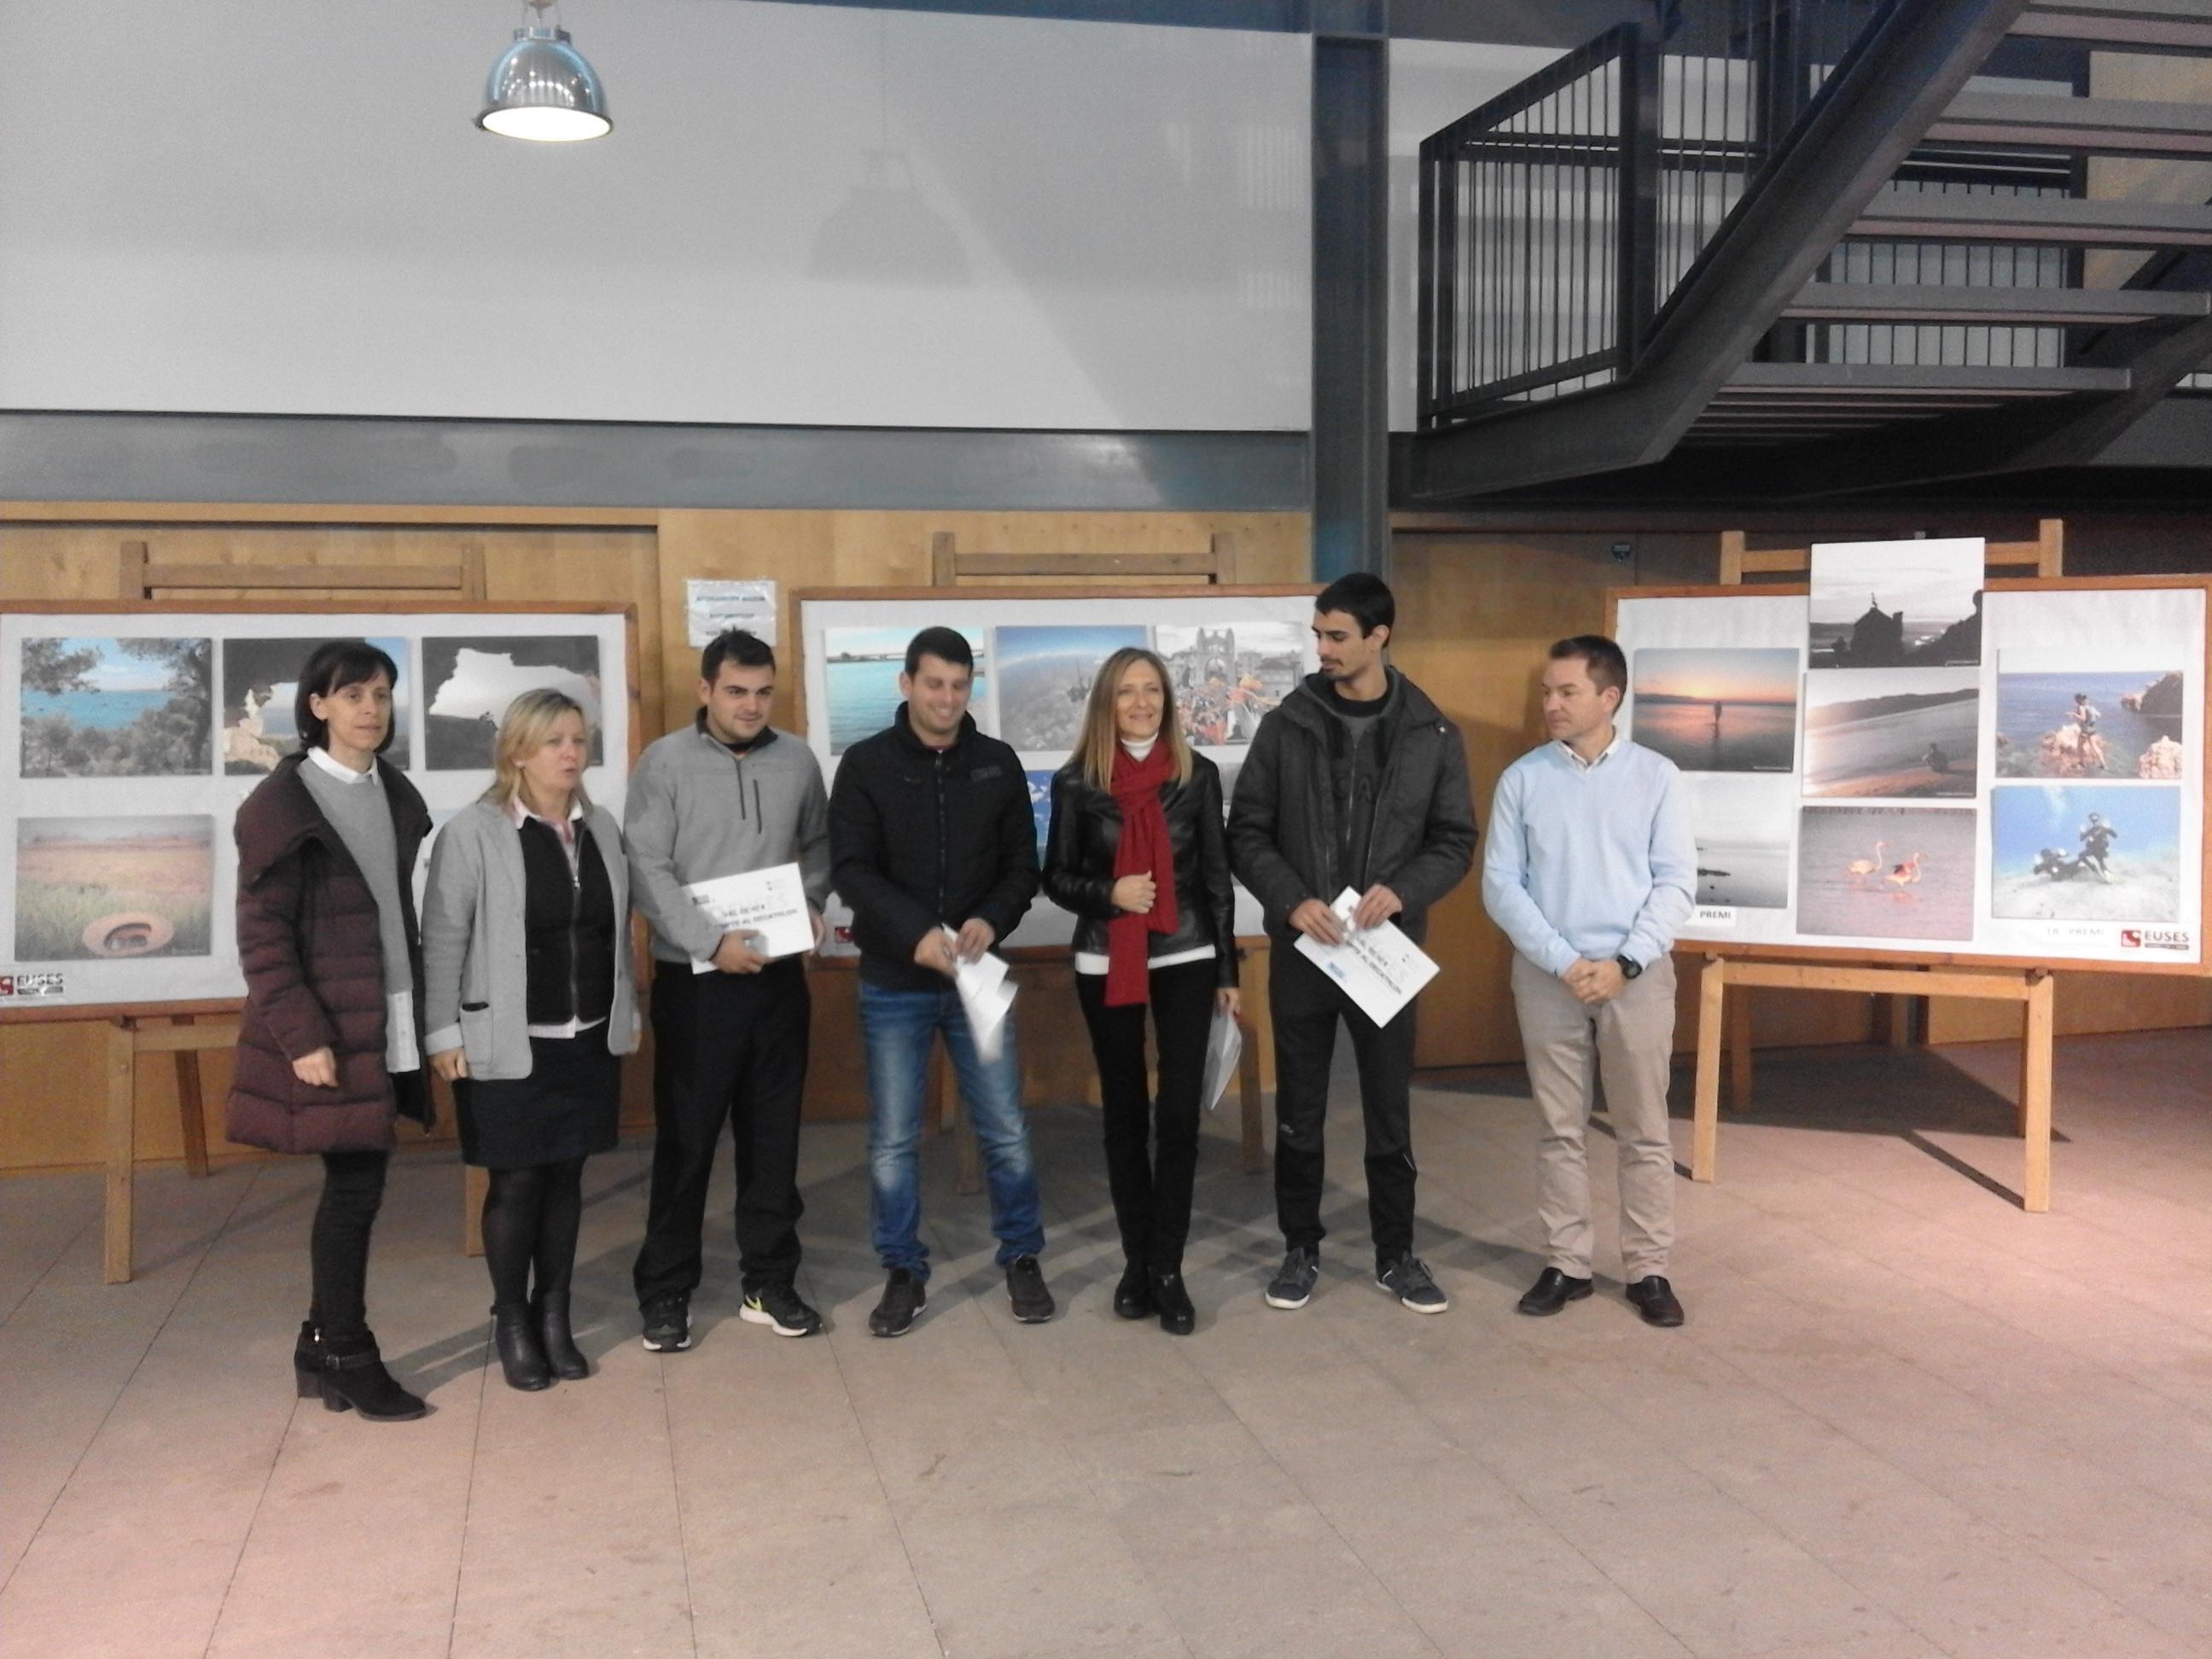 Exposició fotogràfica sobre Recreació, Oci i Creativitat per part dels alumnes de 4t de CAFE d'EUSES Terres de l'Ebre-URV